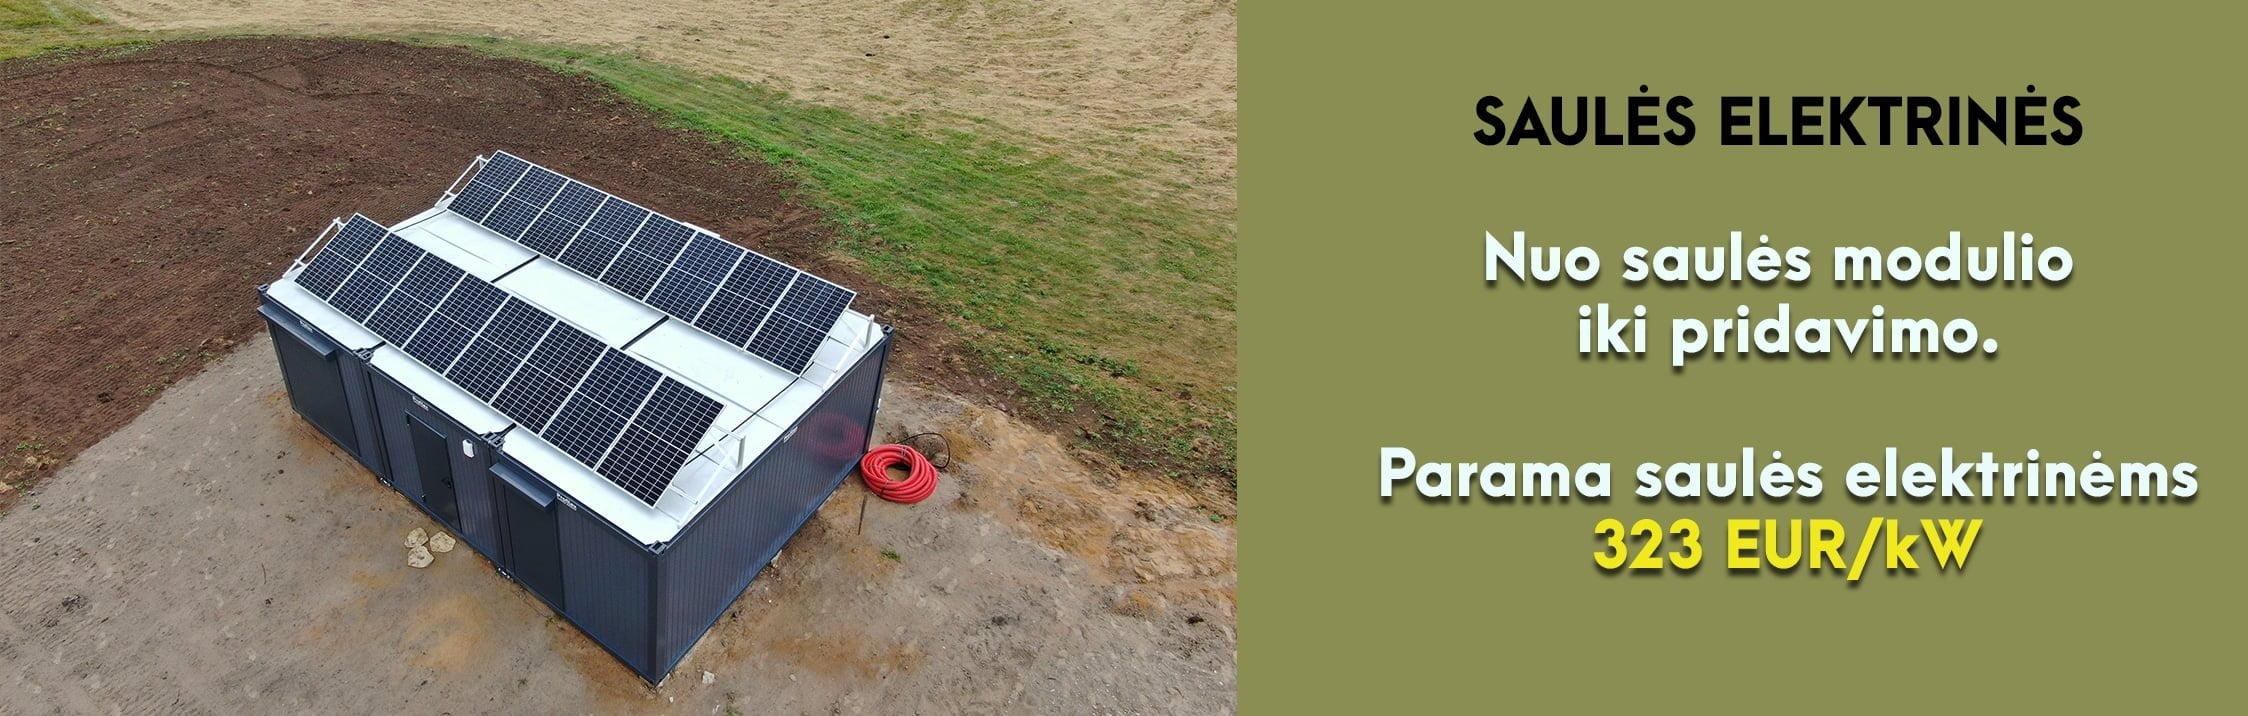 saules-elektrines-i-tinklapi-atnaujintas